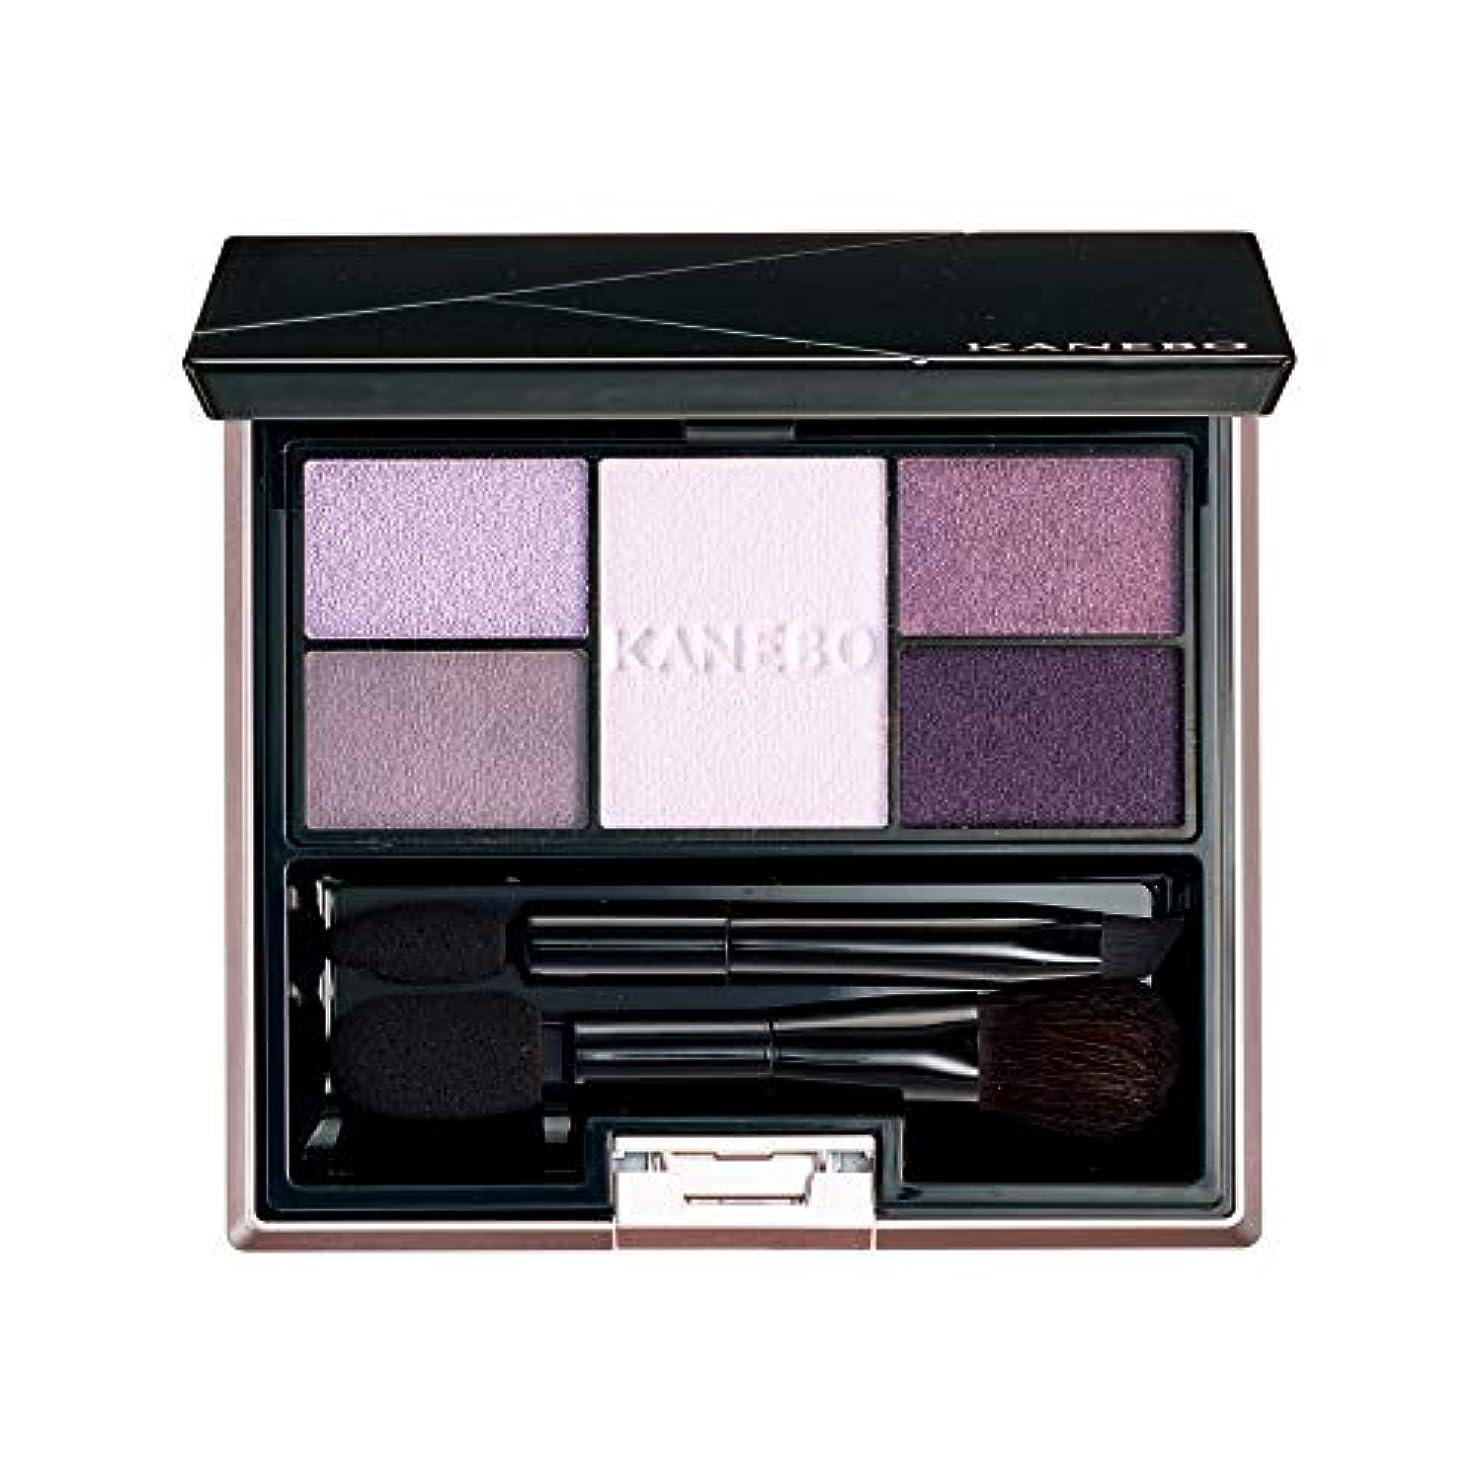 一般的に言えば保証する禁止KANEBO(カネボウ) カネボウ セレクションカラーズアイシャドウ 06 Elegant Lavender アイシャドウ